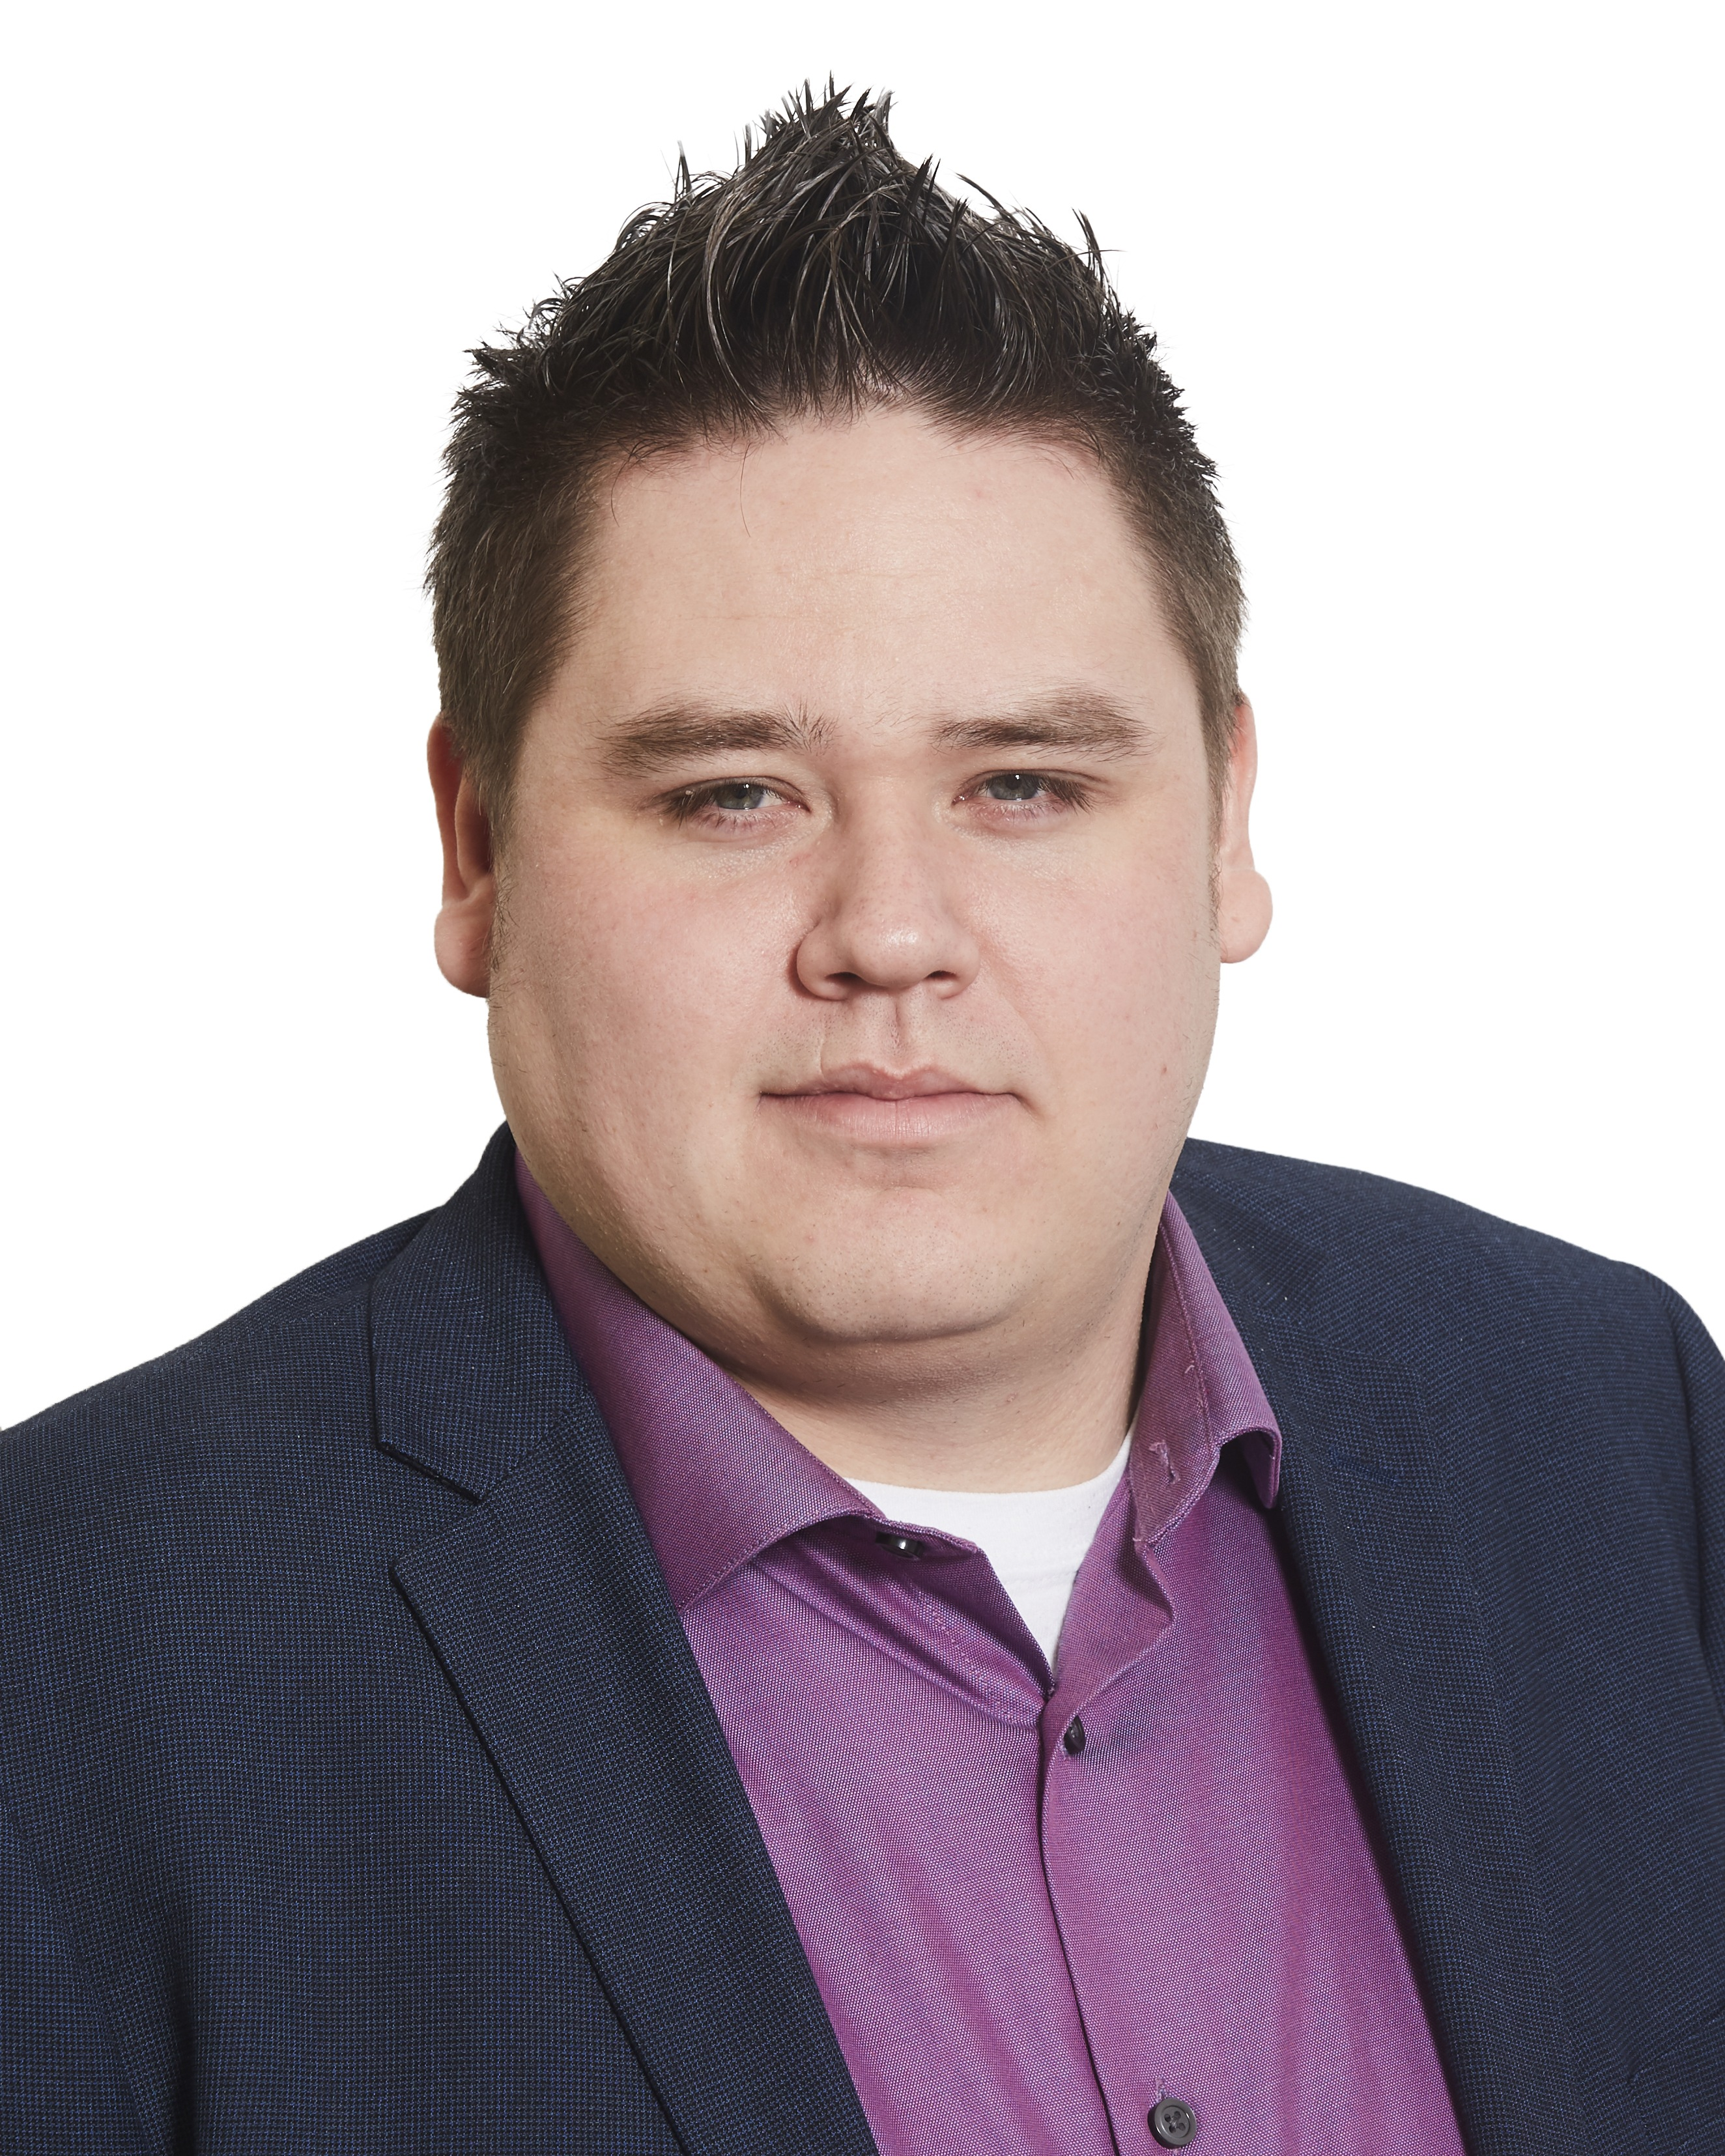 Owen Jayne